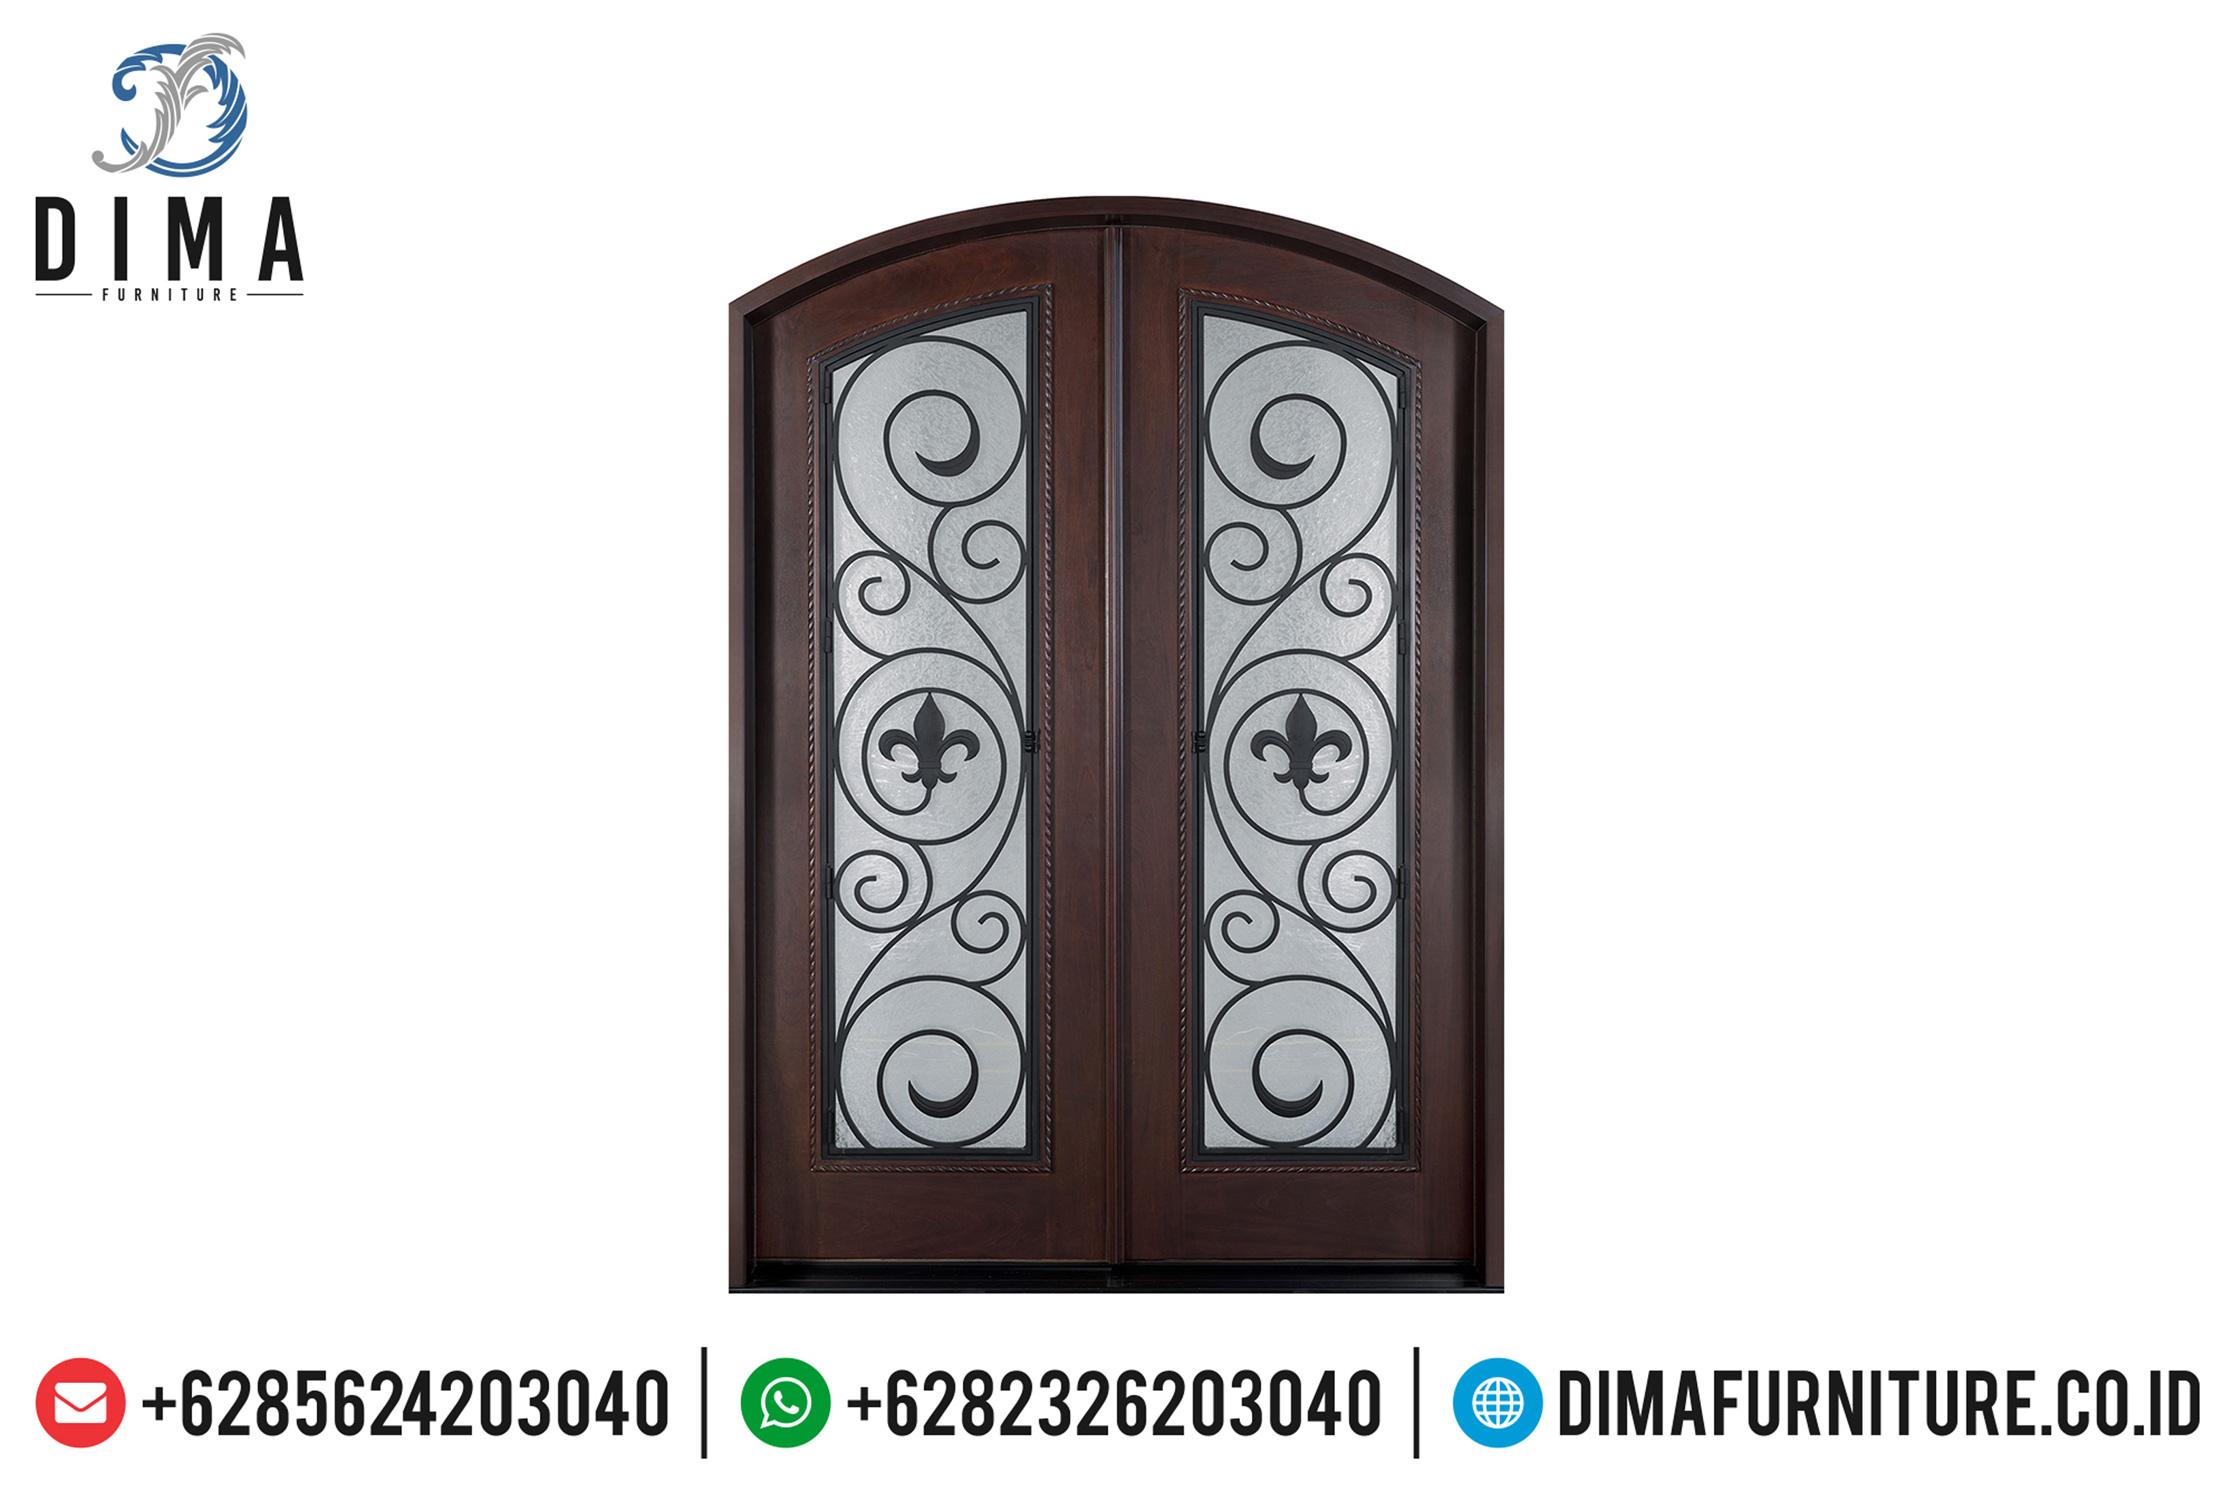 Konsep Pintu Kaca Jati Rumah Mewah Cat Natural Classic Dark Brown TTJ-0510